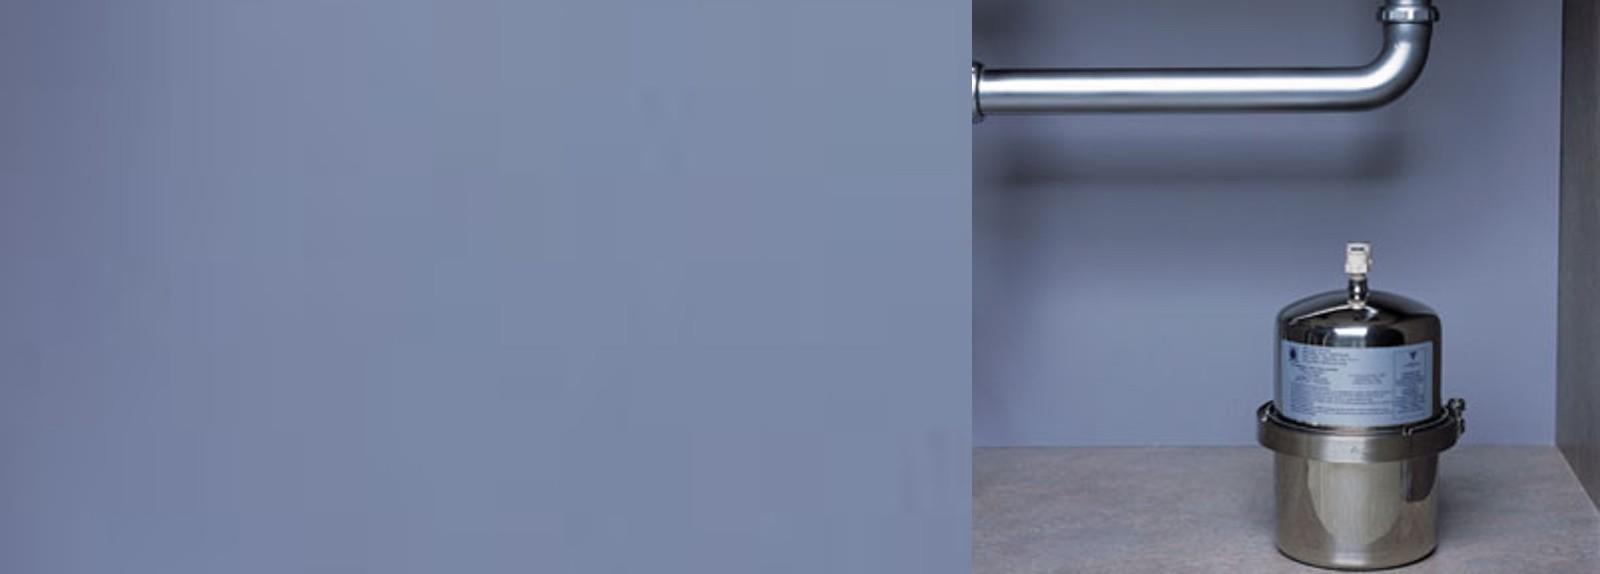 Porte filtre sous évier pour filtrer l'eau du robinet